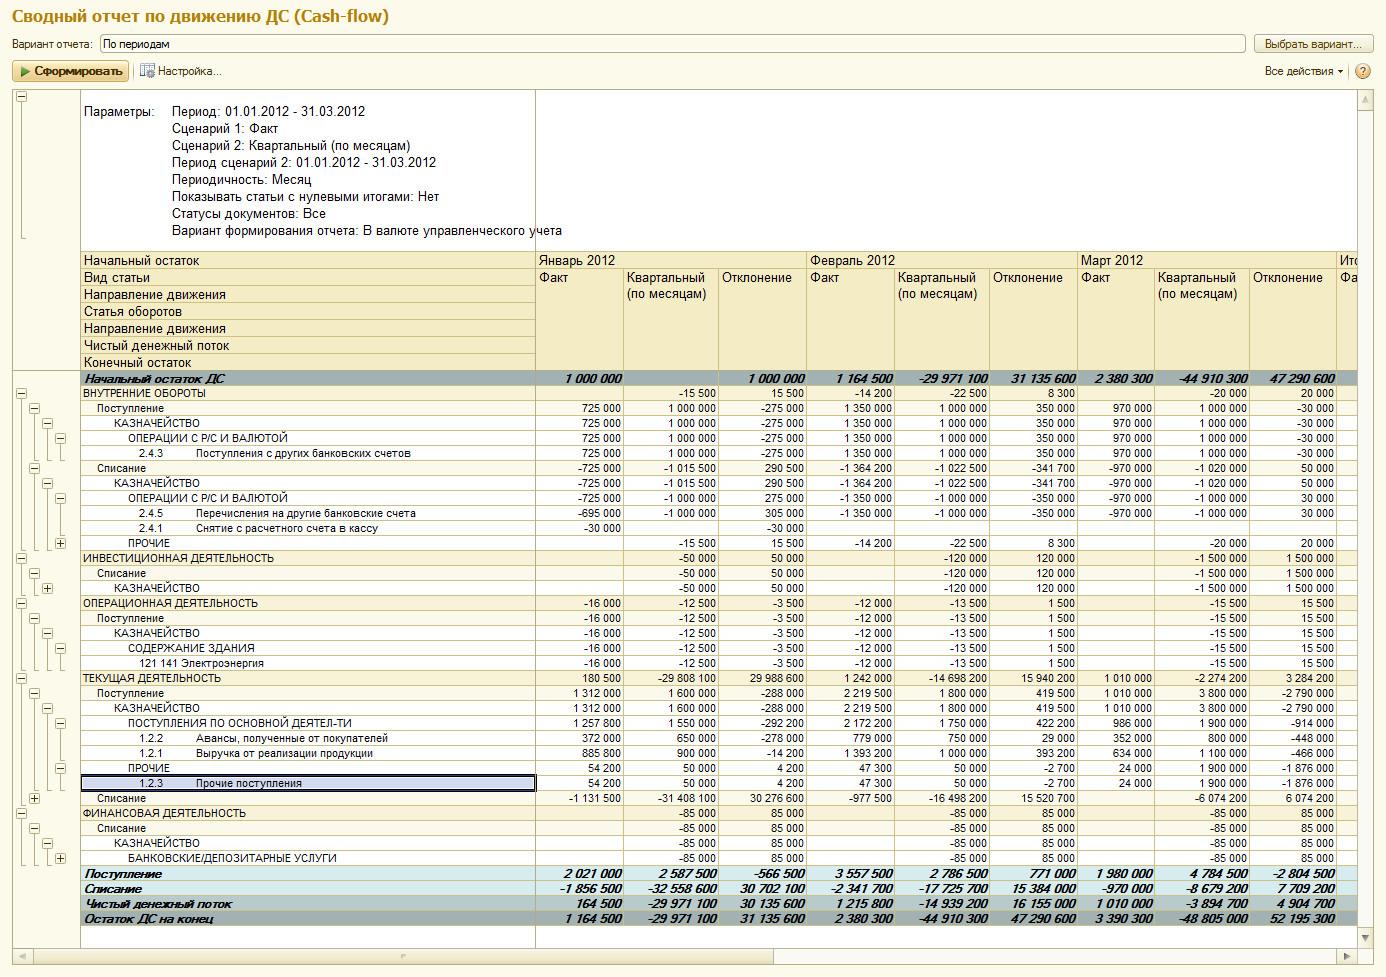 Как составить идеальный отчет о движении денежных средств 14